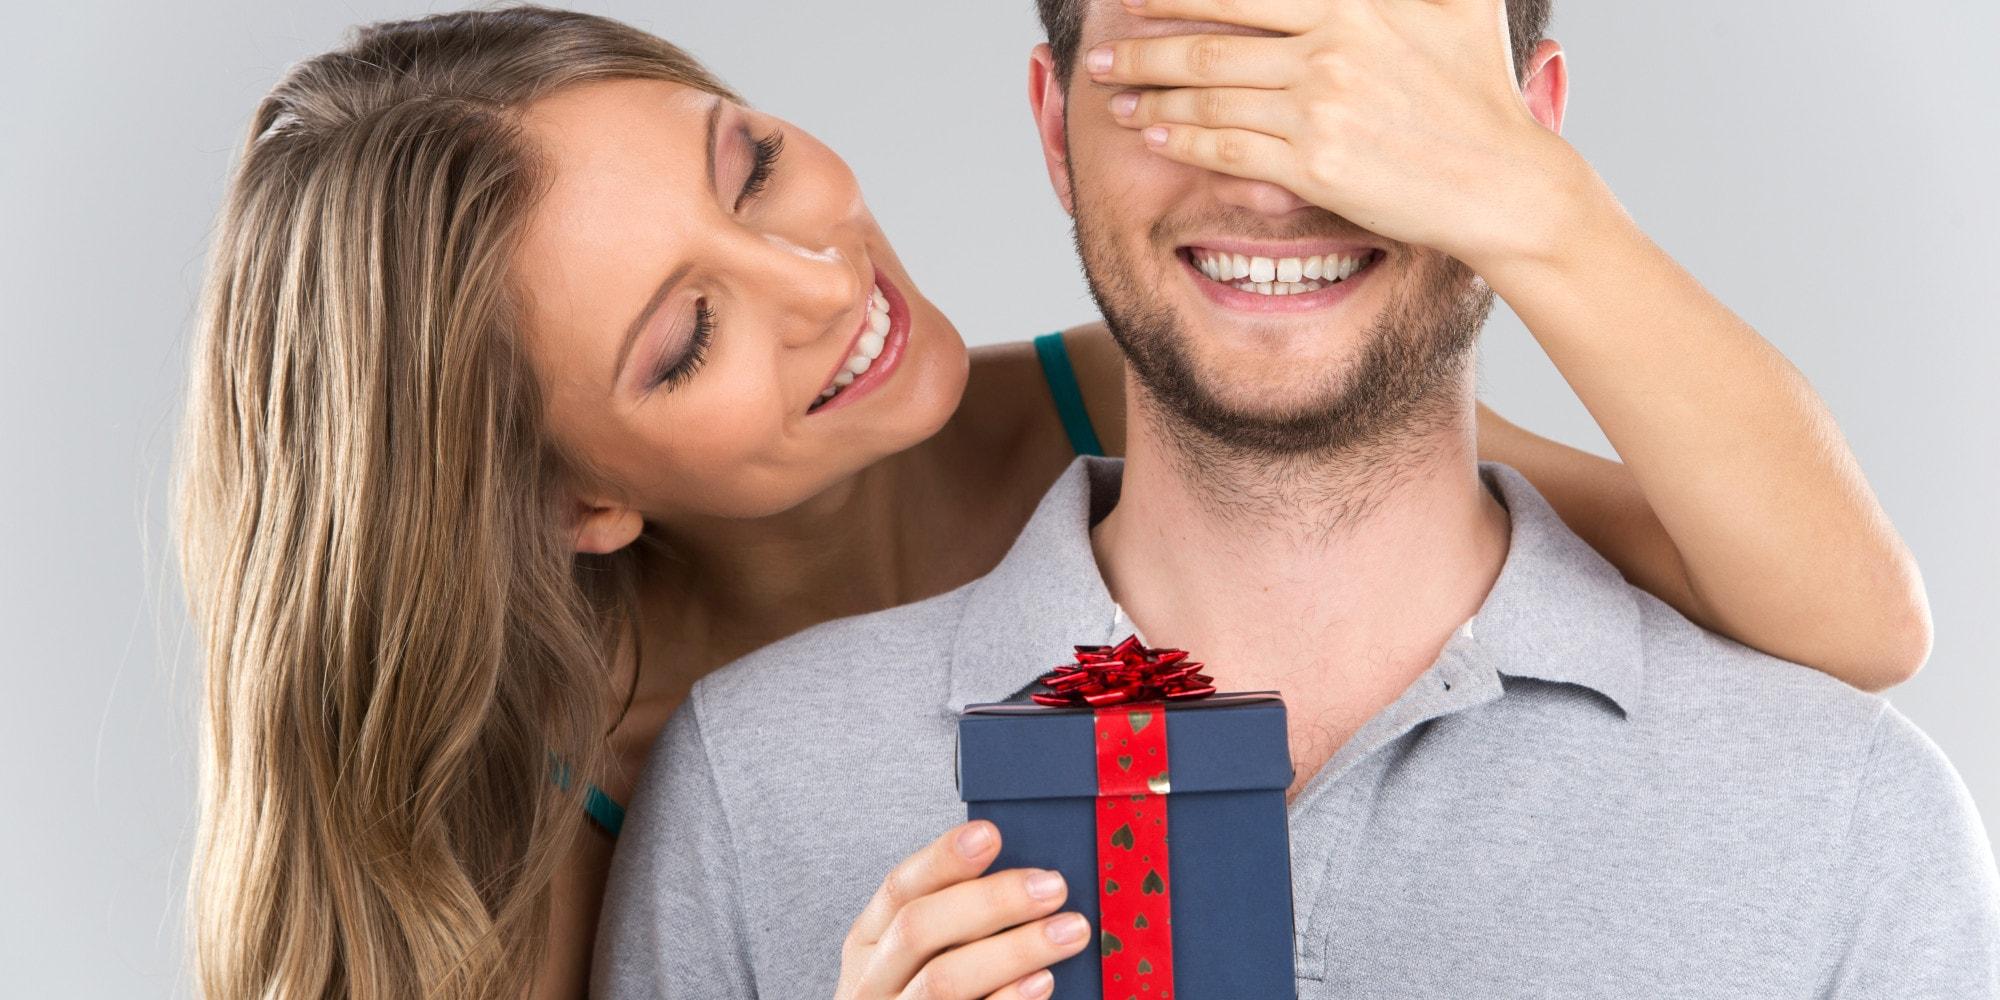 Sevgililer günü için kolayca kendinizin yapabileceği hediyeler